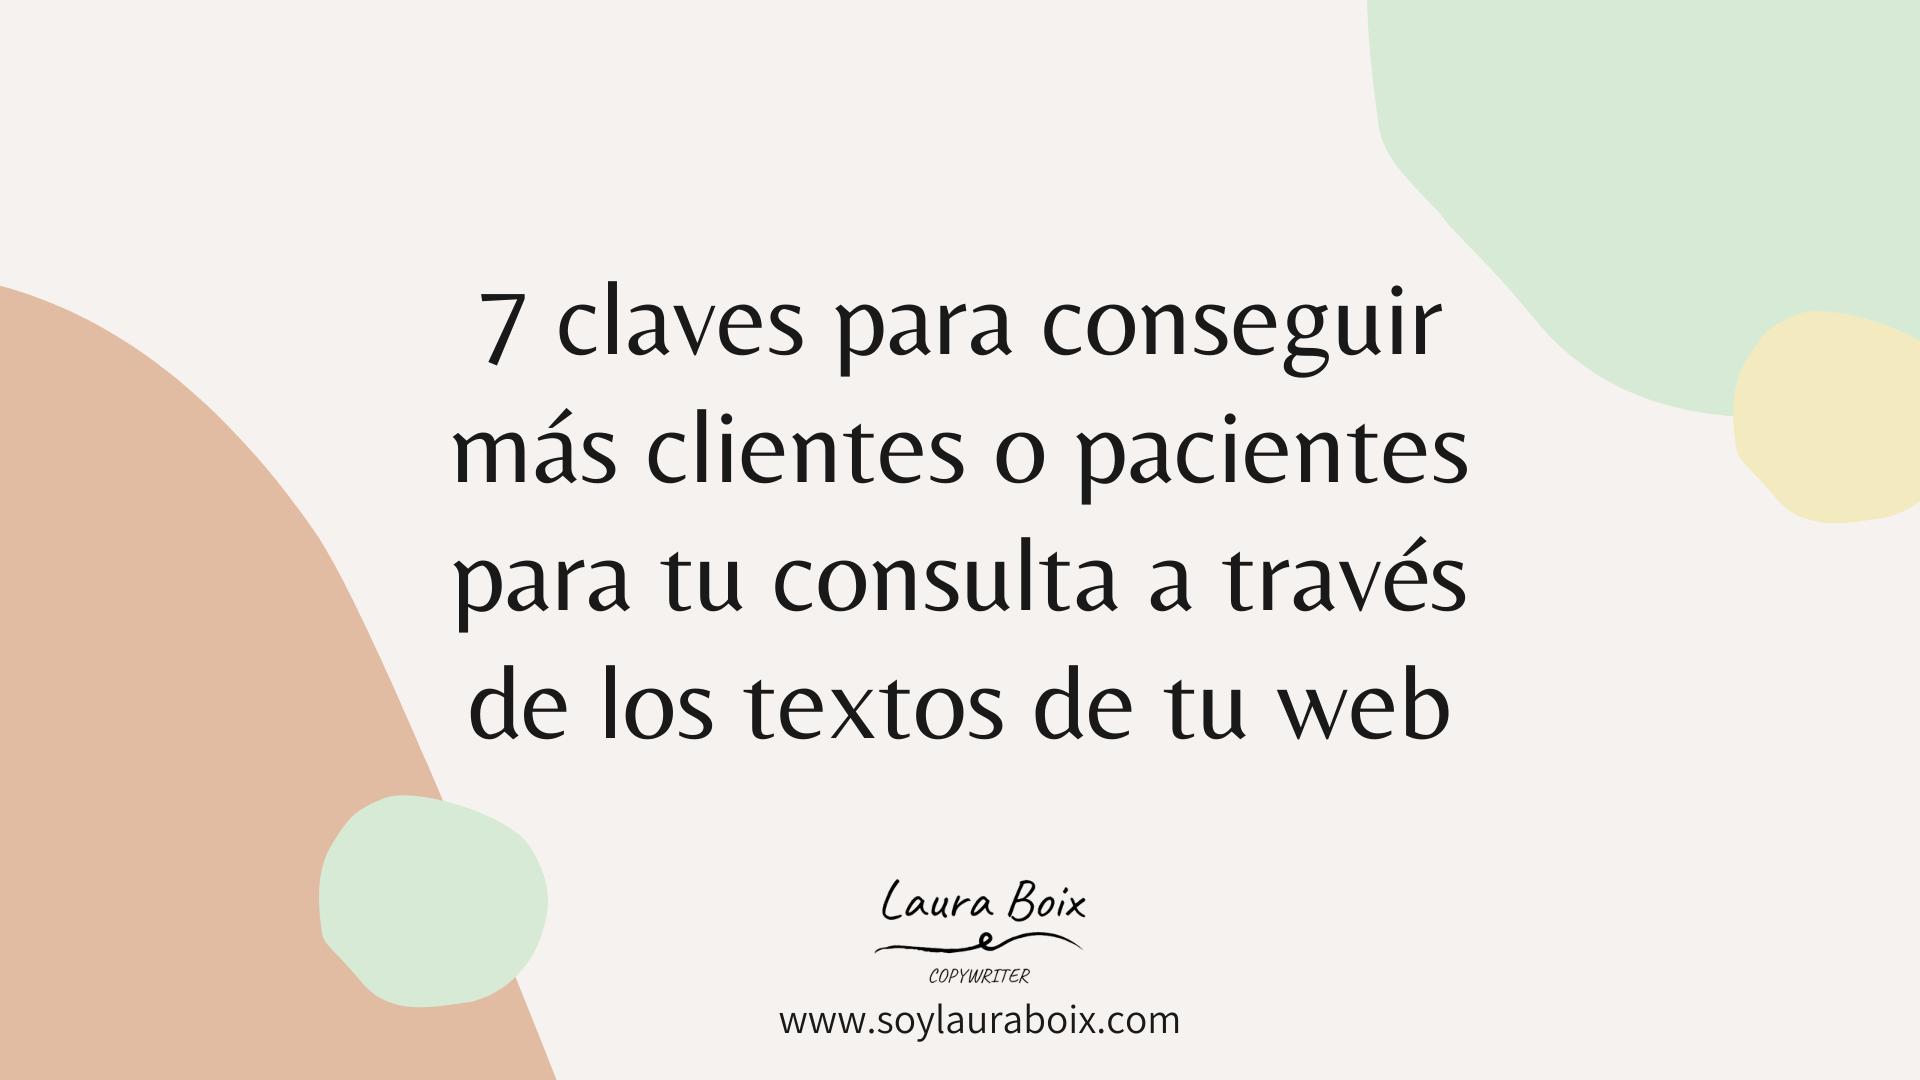 7-claves-para-conseguir-más-clientes-o-pacientes-para-tu-consulta-a-través-de-los-textos-de-tu-web